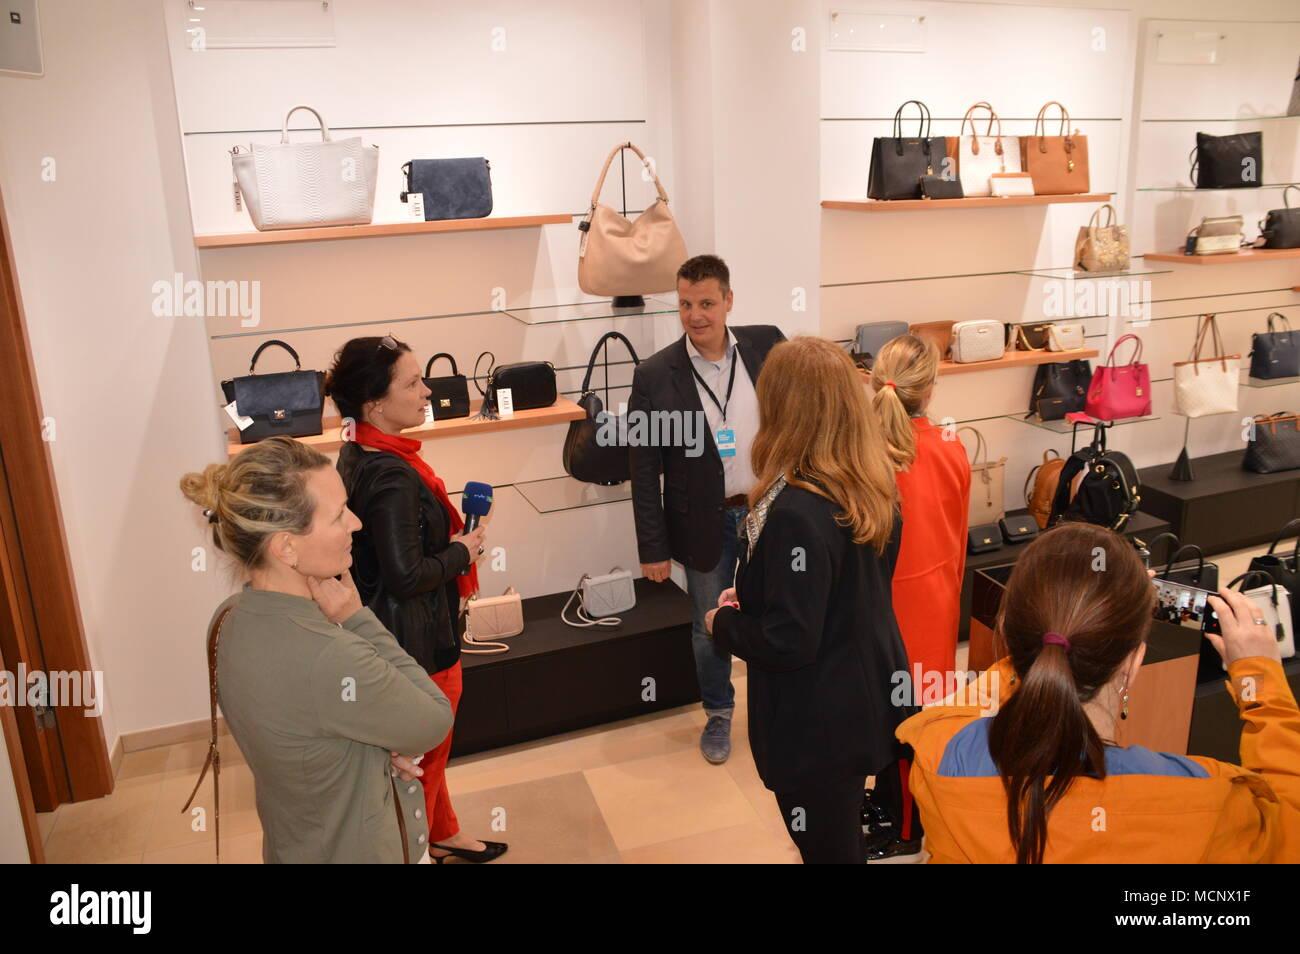 """DIE NEUE MODEADRESSE IN GÖRLITZ - MODEHAUS am Postplatz öffnet am 20. April 2018 in zentraler Lage im Herzen von Görlitz?.. Für unsere Kunden schaffen wir ein stilvolles Ambiente und für schöne Mode den richtigen Rahmen. Lassen Sie sich von unserer inspirierenden Auswahl ein schöner, stilvoller Bekleidung bezaubern. Zusätzlich lockt unser kleines Café mit köstlichen Spezialitäten und versüßt den Einkauf mit Blick auf den belebten Postplatz mit seiner berühmten """"Muschelminna"""". Entdecken Sie unsere hochwertigen Modekollektionen für Damen und Herren. Es erwartet Sie eine inspirierende Auswahl einer s Stockbild"""